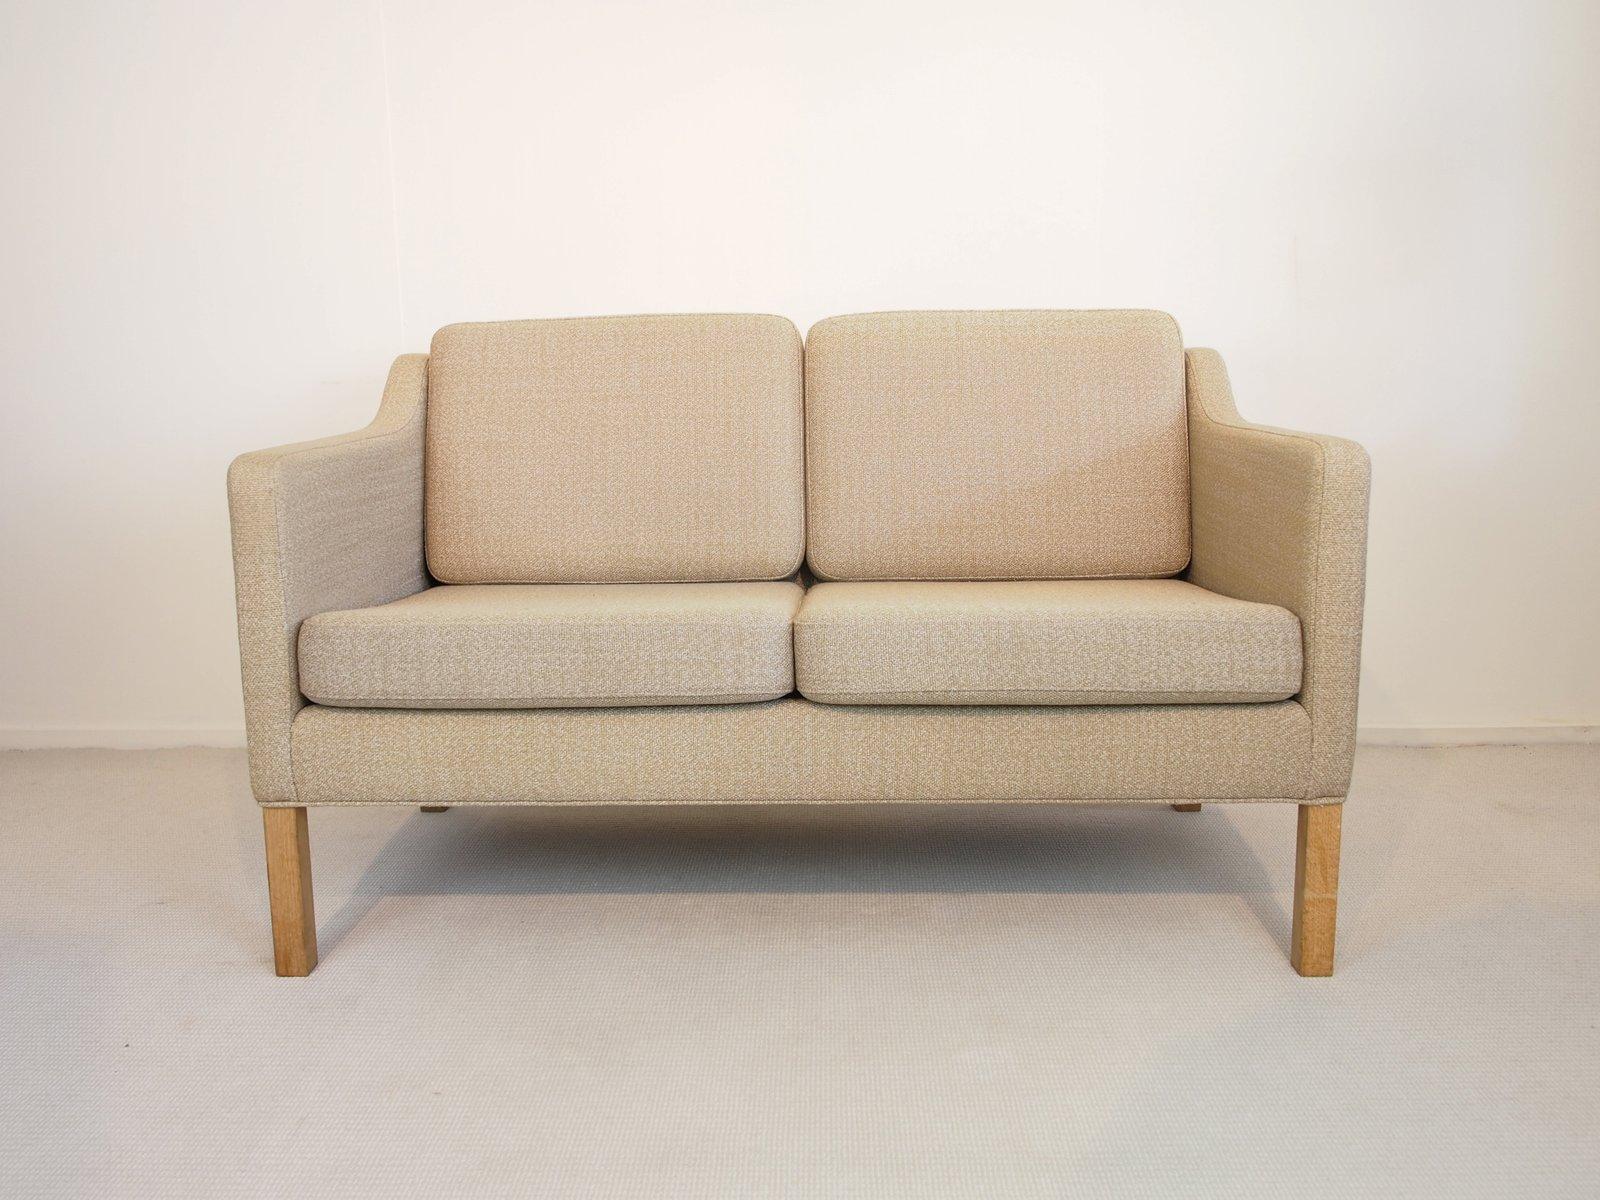 vintage modell 2322 zwei sitzer sofa von b rge mogensen f r frederica bei pamono kaufen. Black Bedroom Furniture Sets. Home Design Ideas